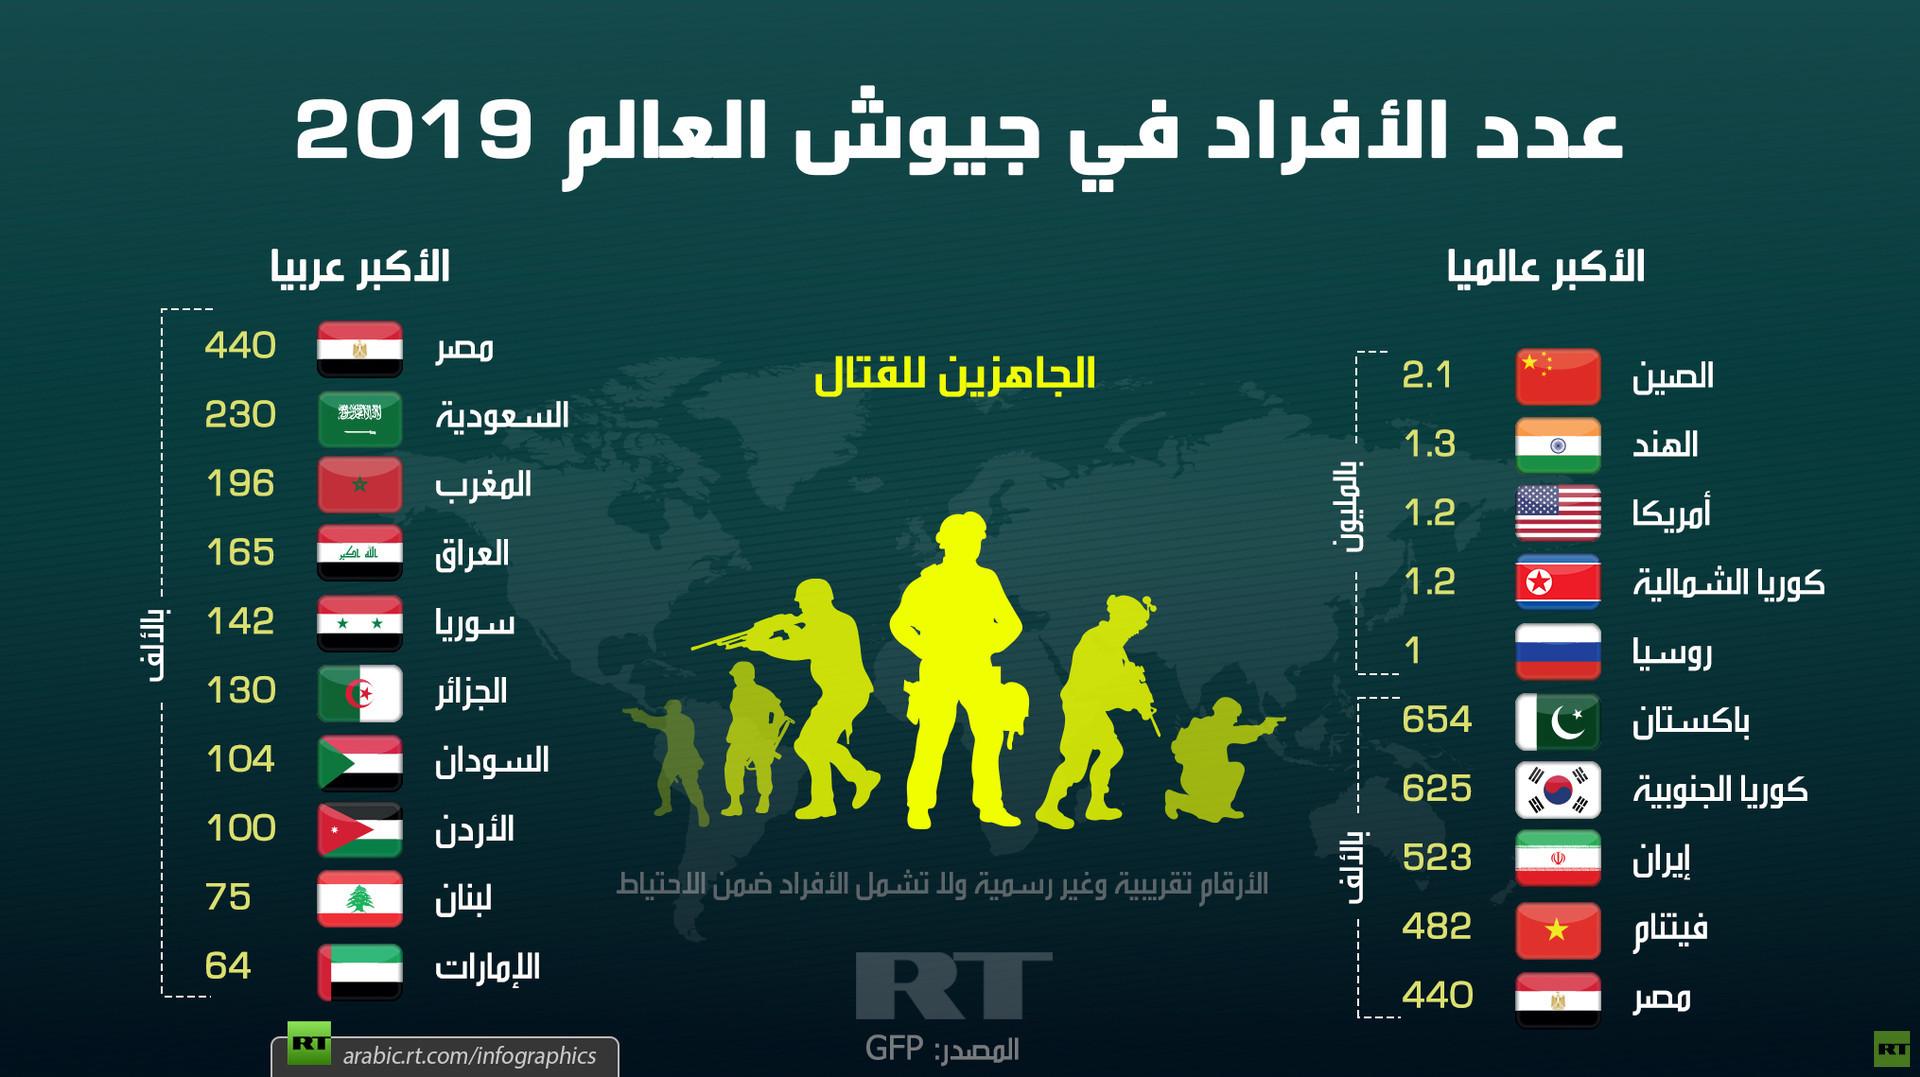 عدد الأفراد في جيوش العالم 2019